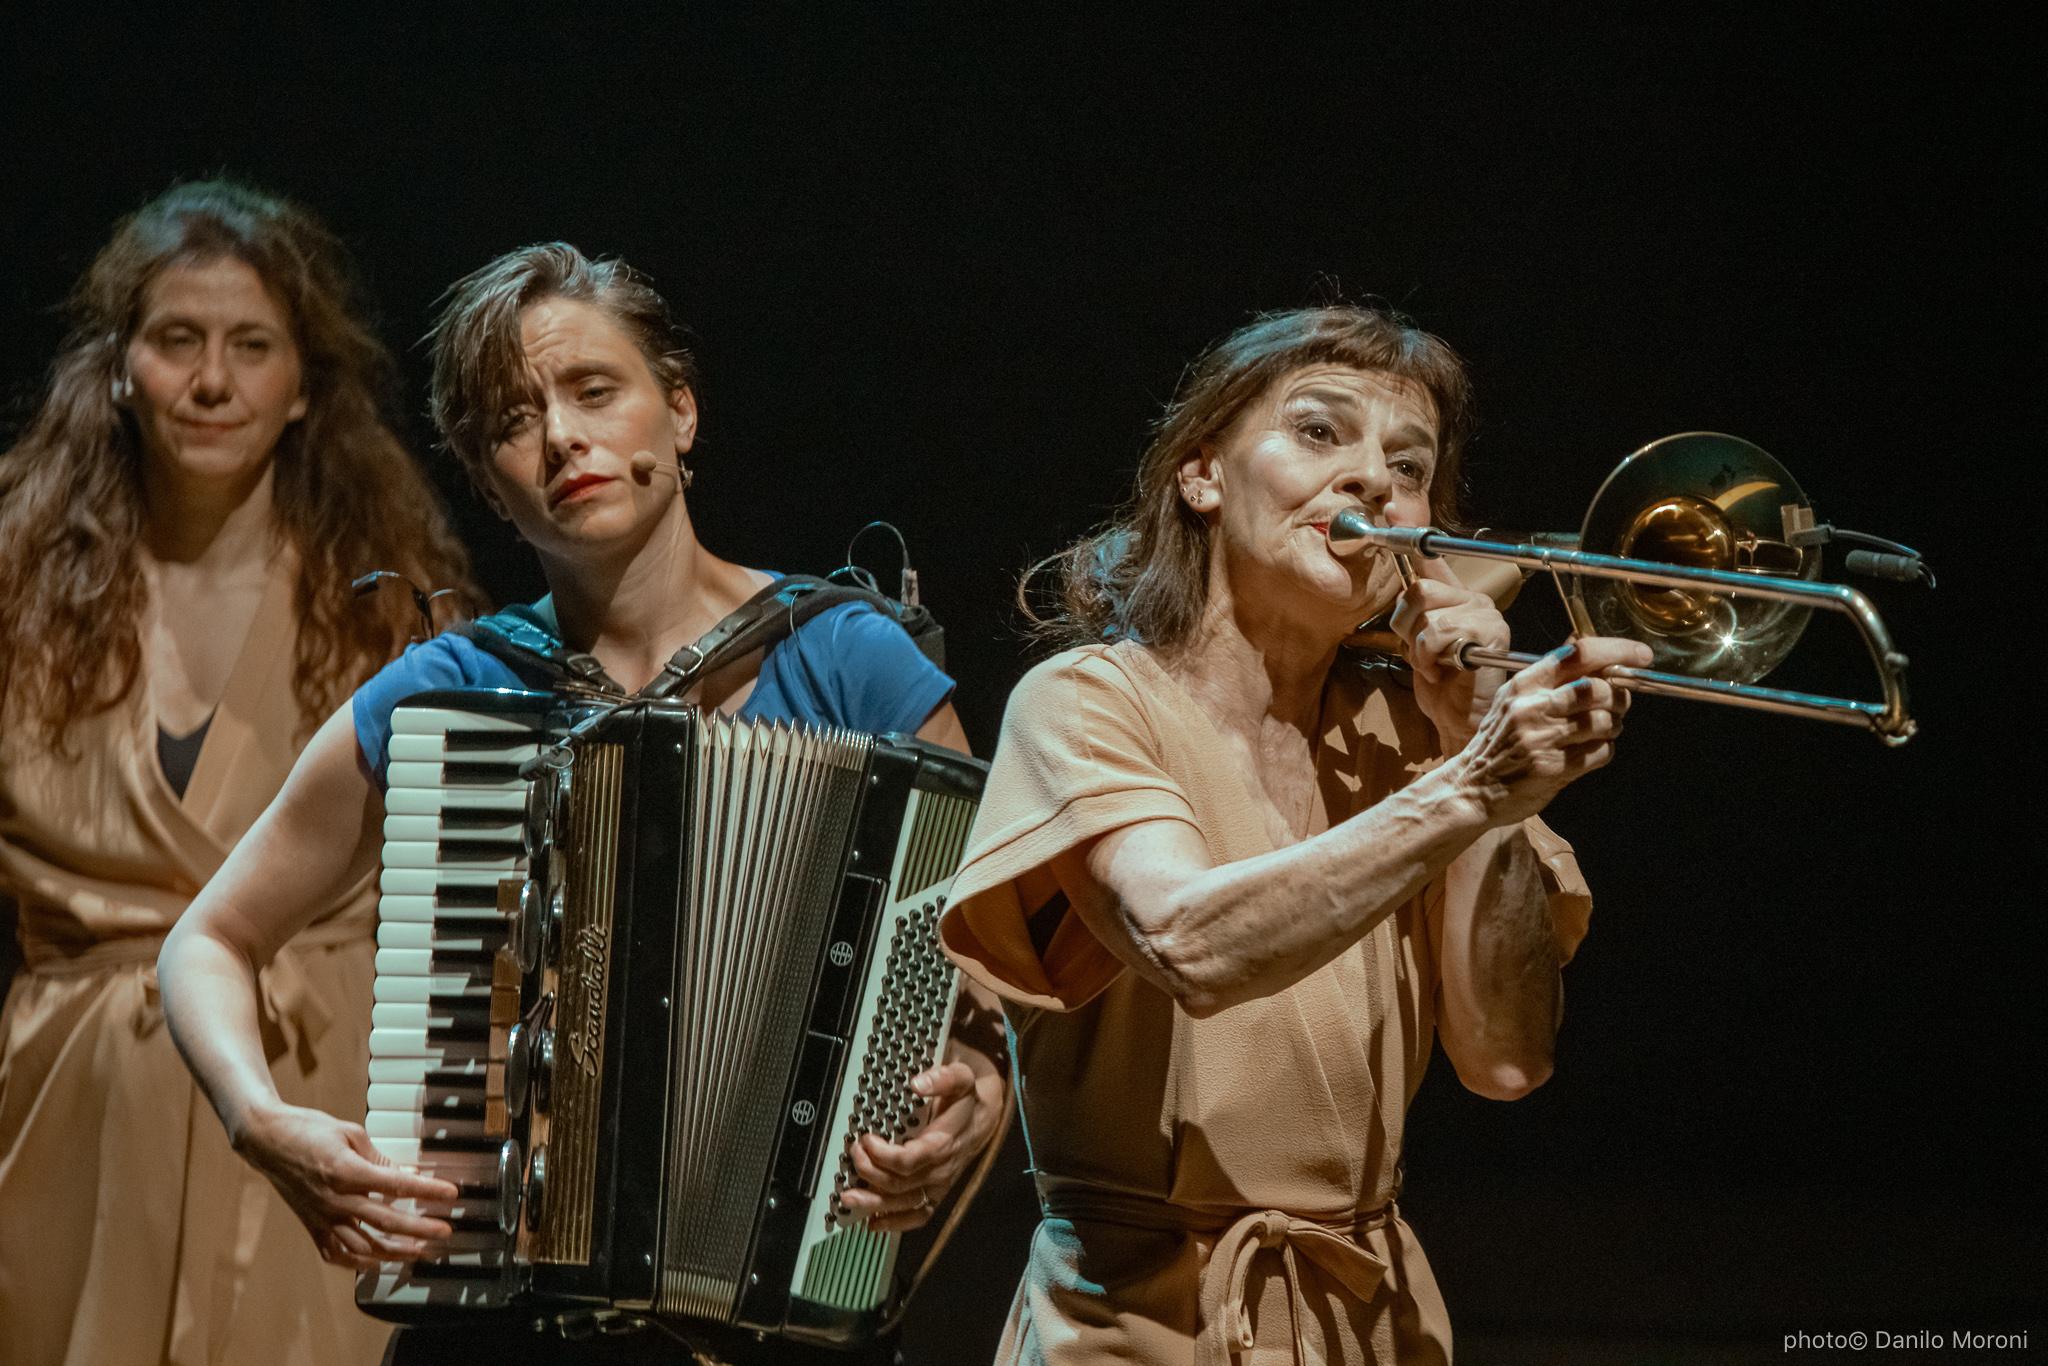 Teatro-en-vilo-Circo-Price-Miss-Mara-photo-Danilo-Moroni-323.jpg